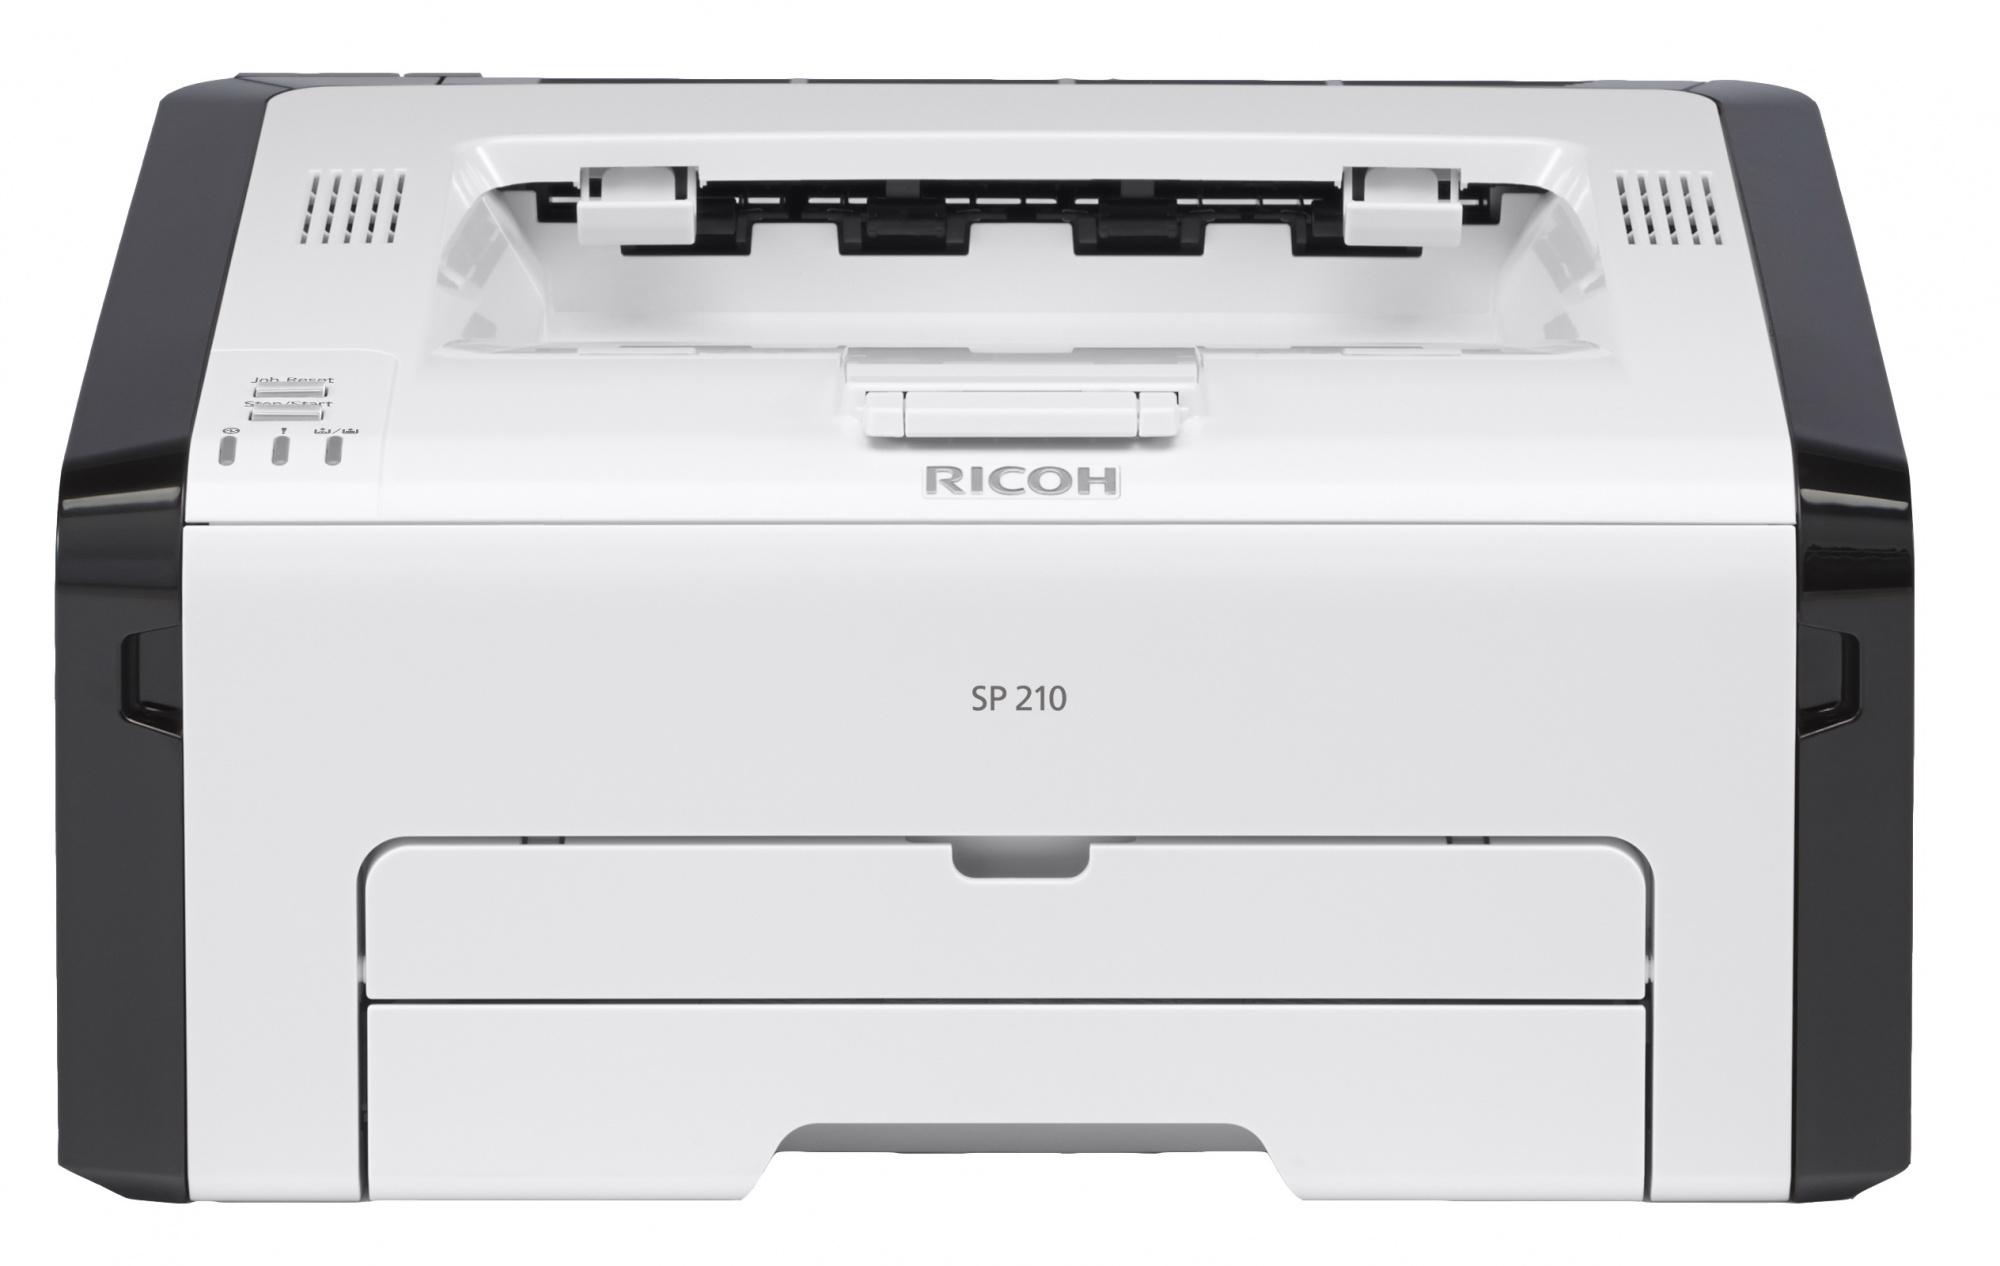 Ricoh SP 210 - лазерный принтерЛазерные принтеры<br>Лазерный принтер<br>